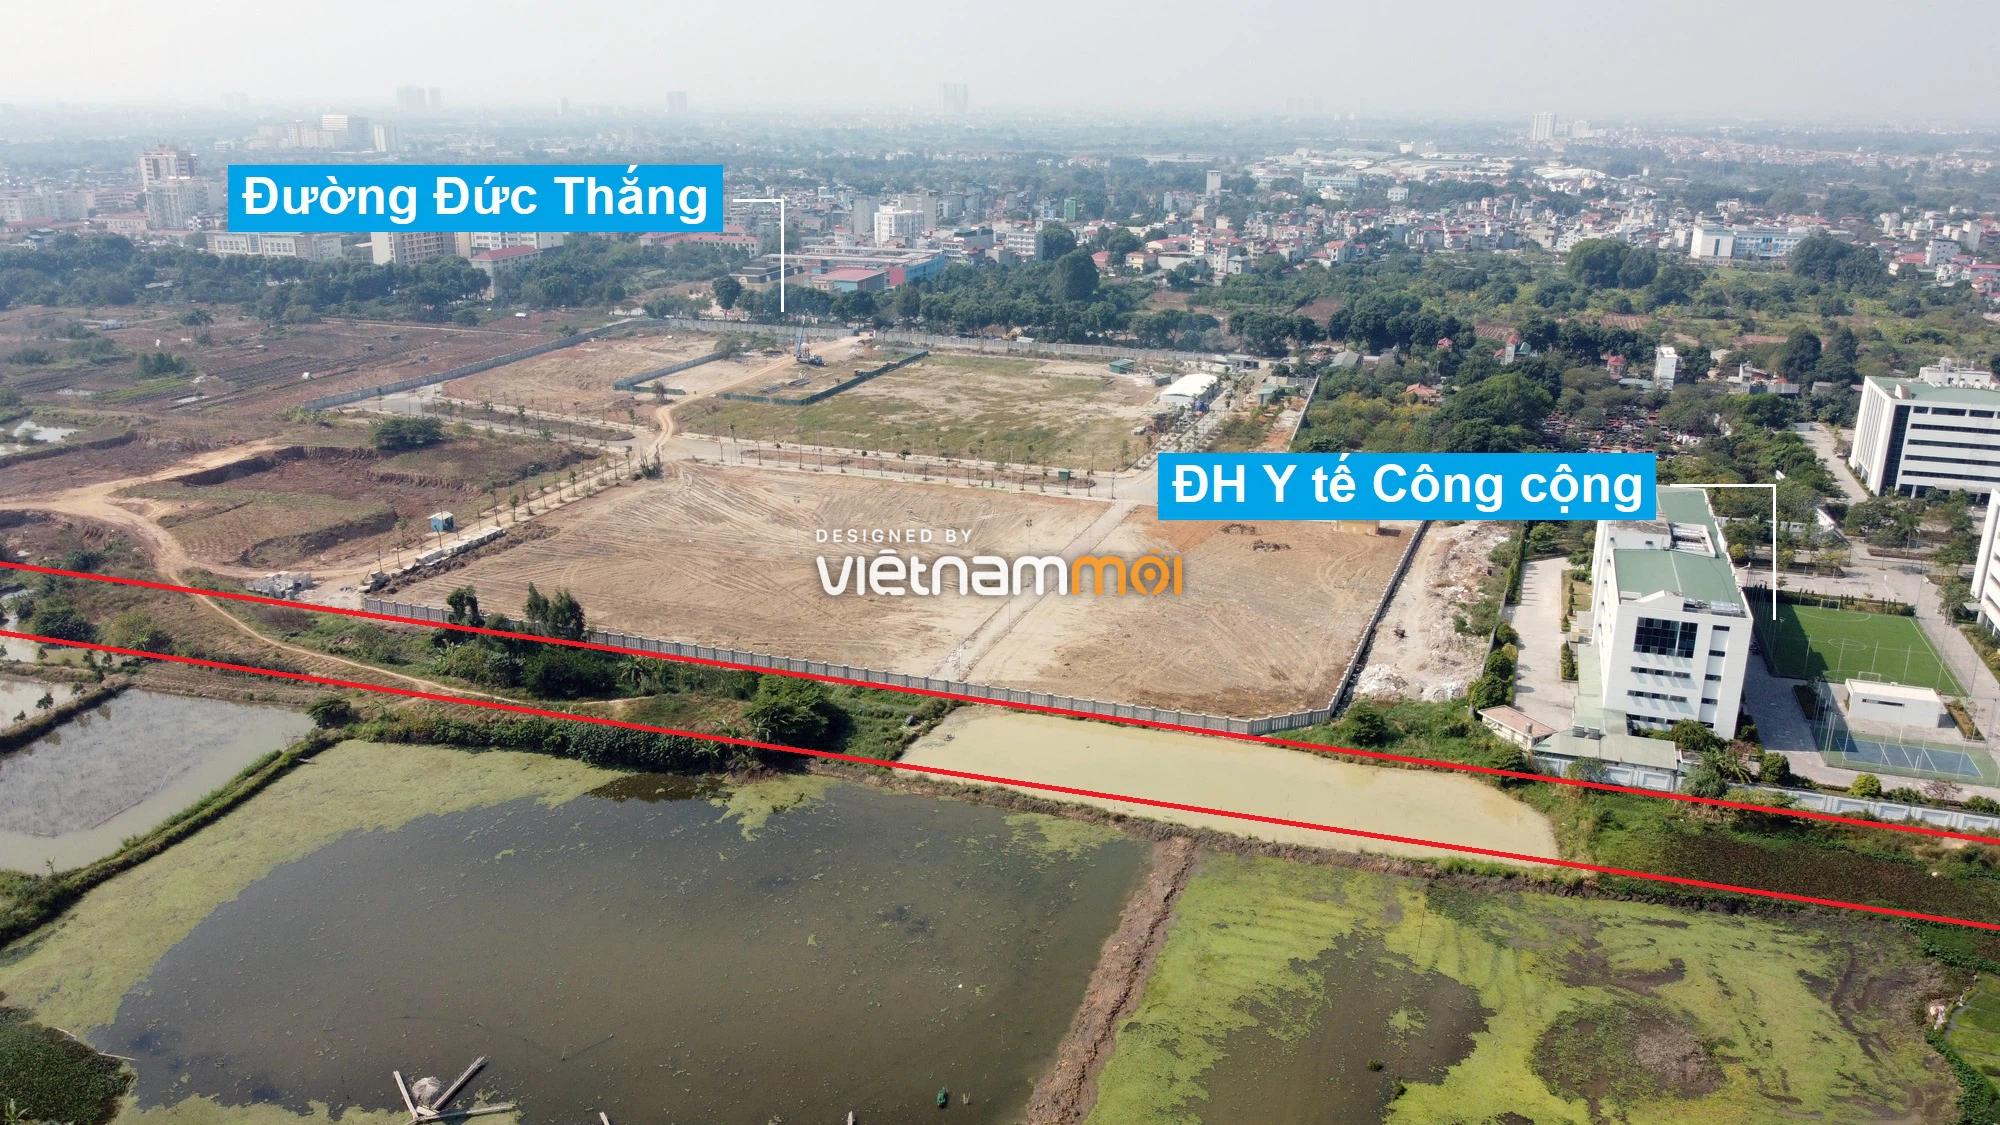 Những khu đất sắp thu hồi để mở đường ở quận Bắc Từ Liêm, Hà Nội (phần 1) - Ảnh 19.